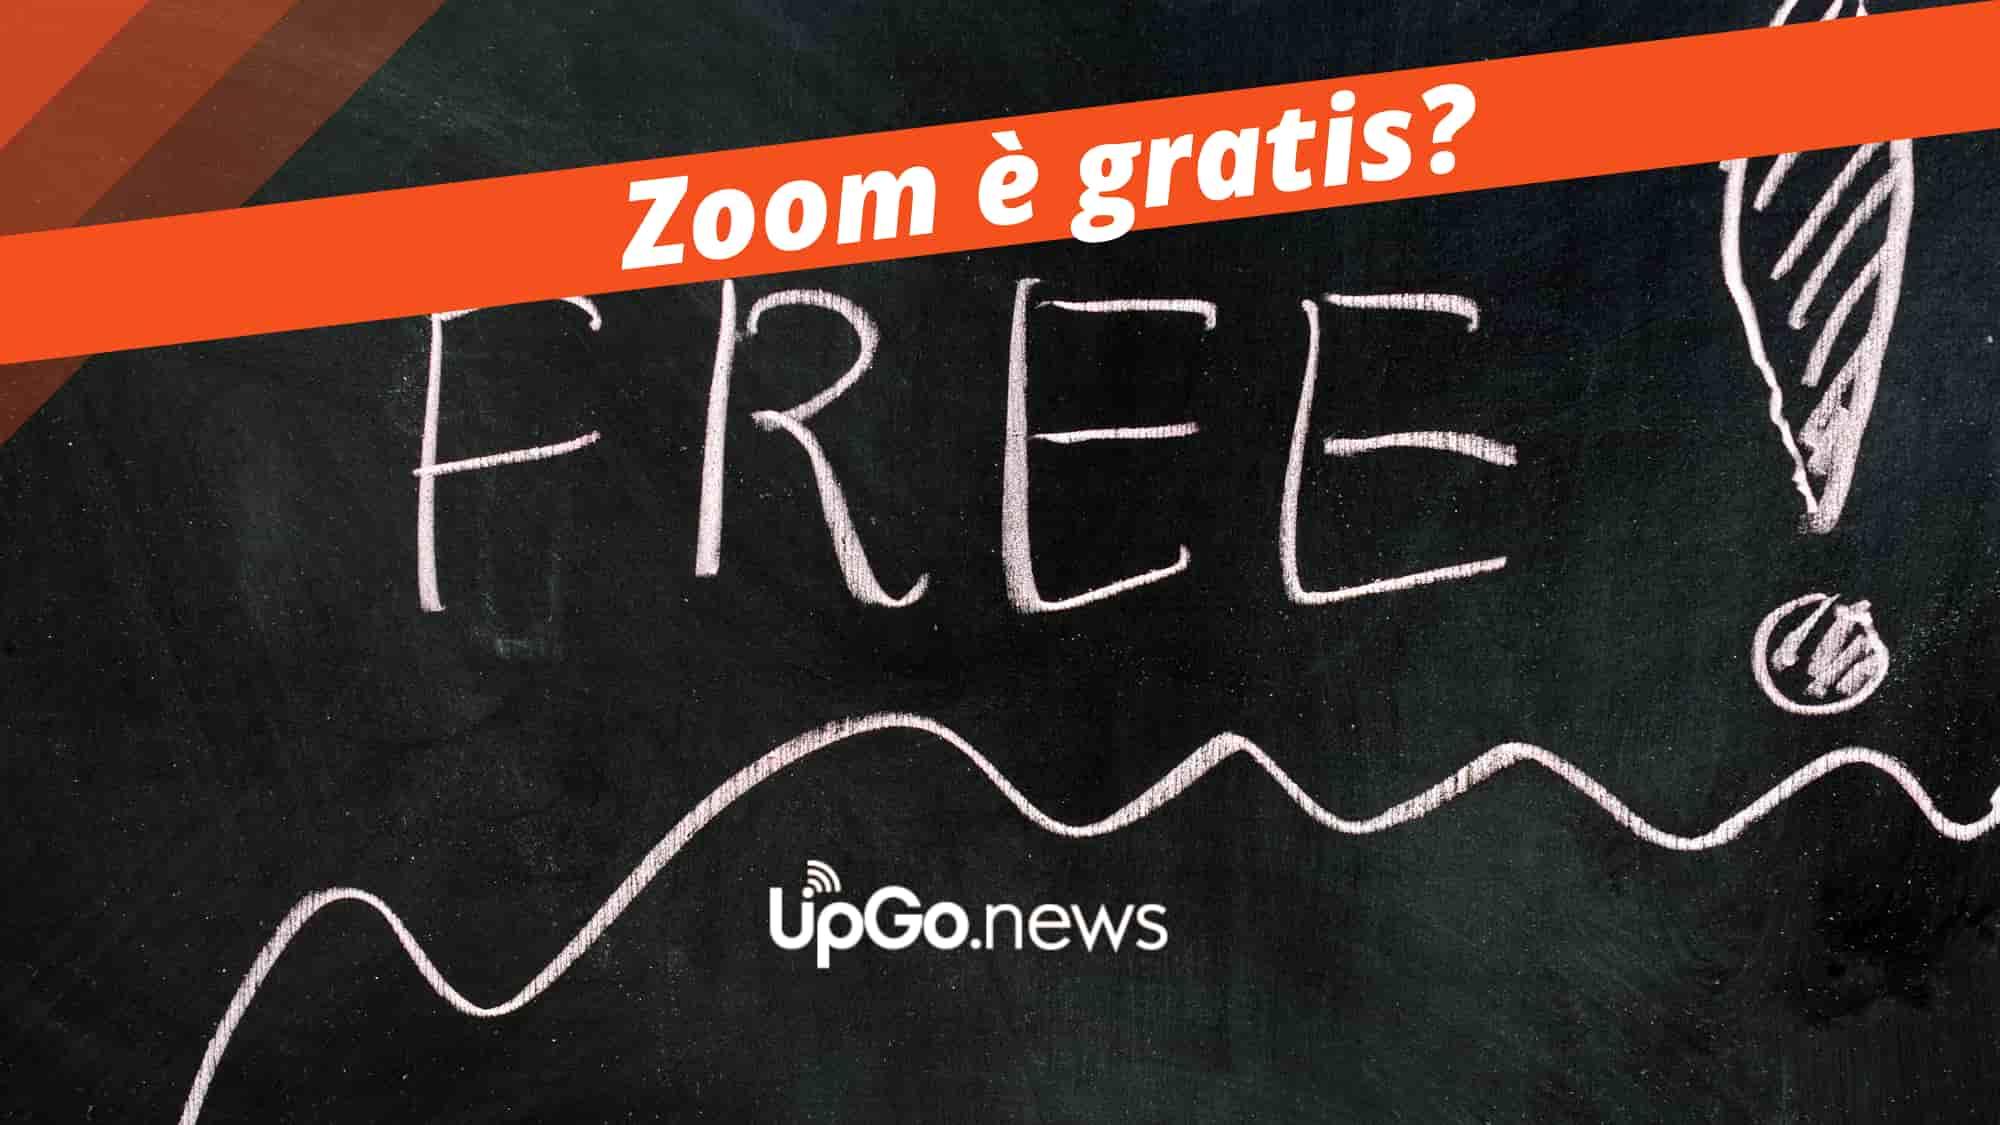 Zoom è gratis?